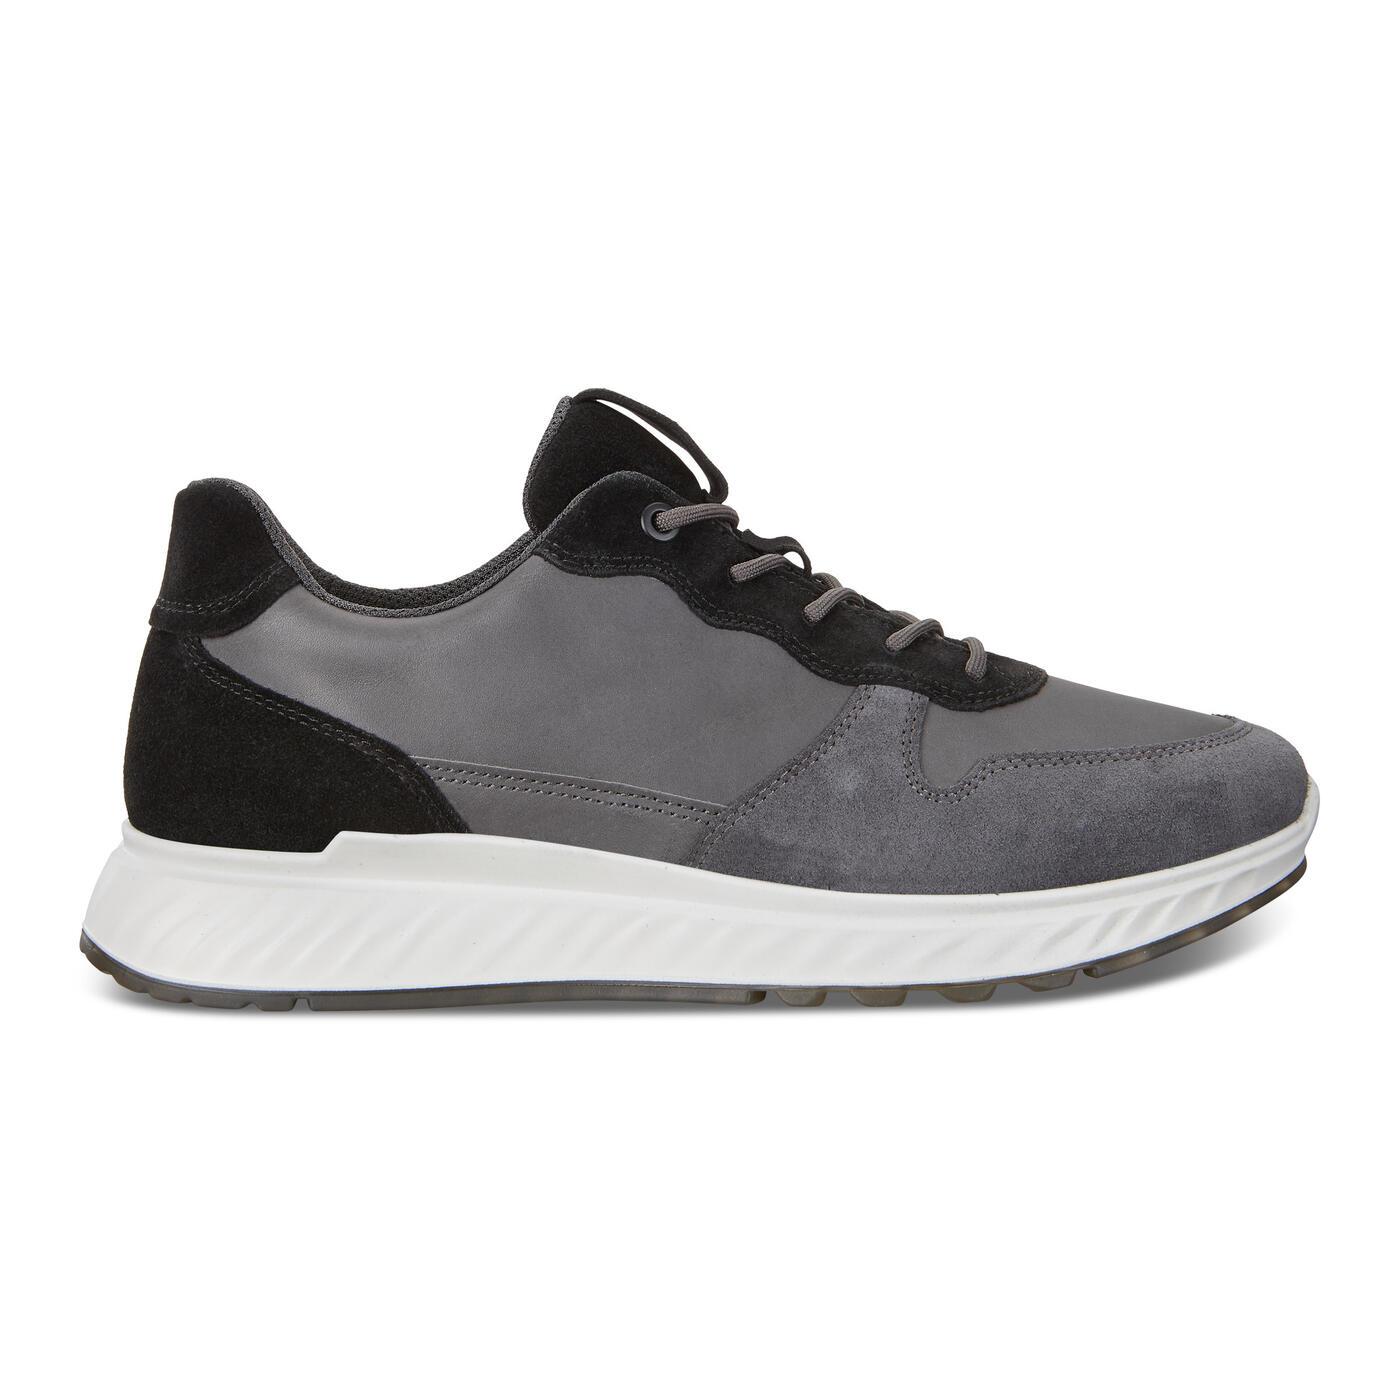 ECCO ST.1 Men's Sneakers